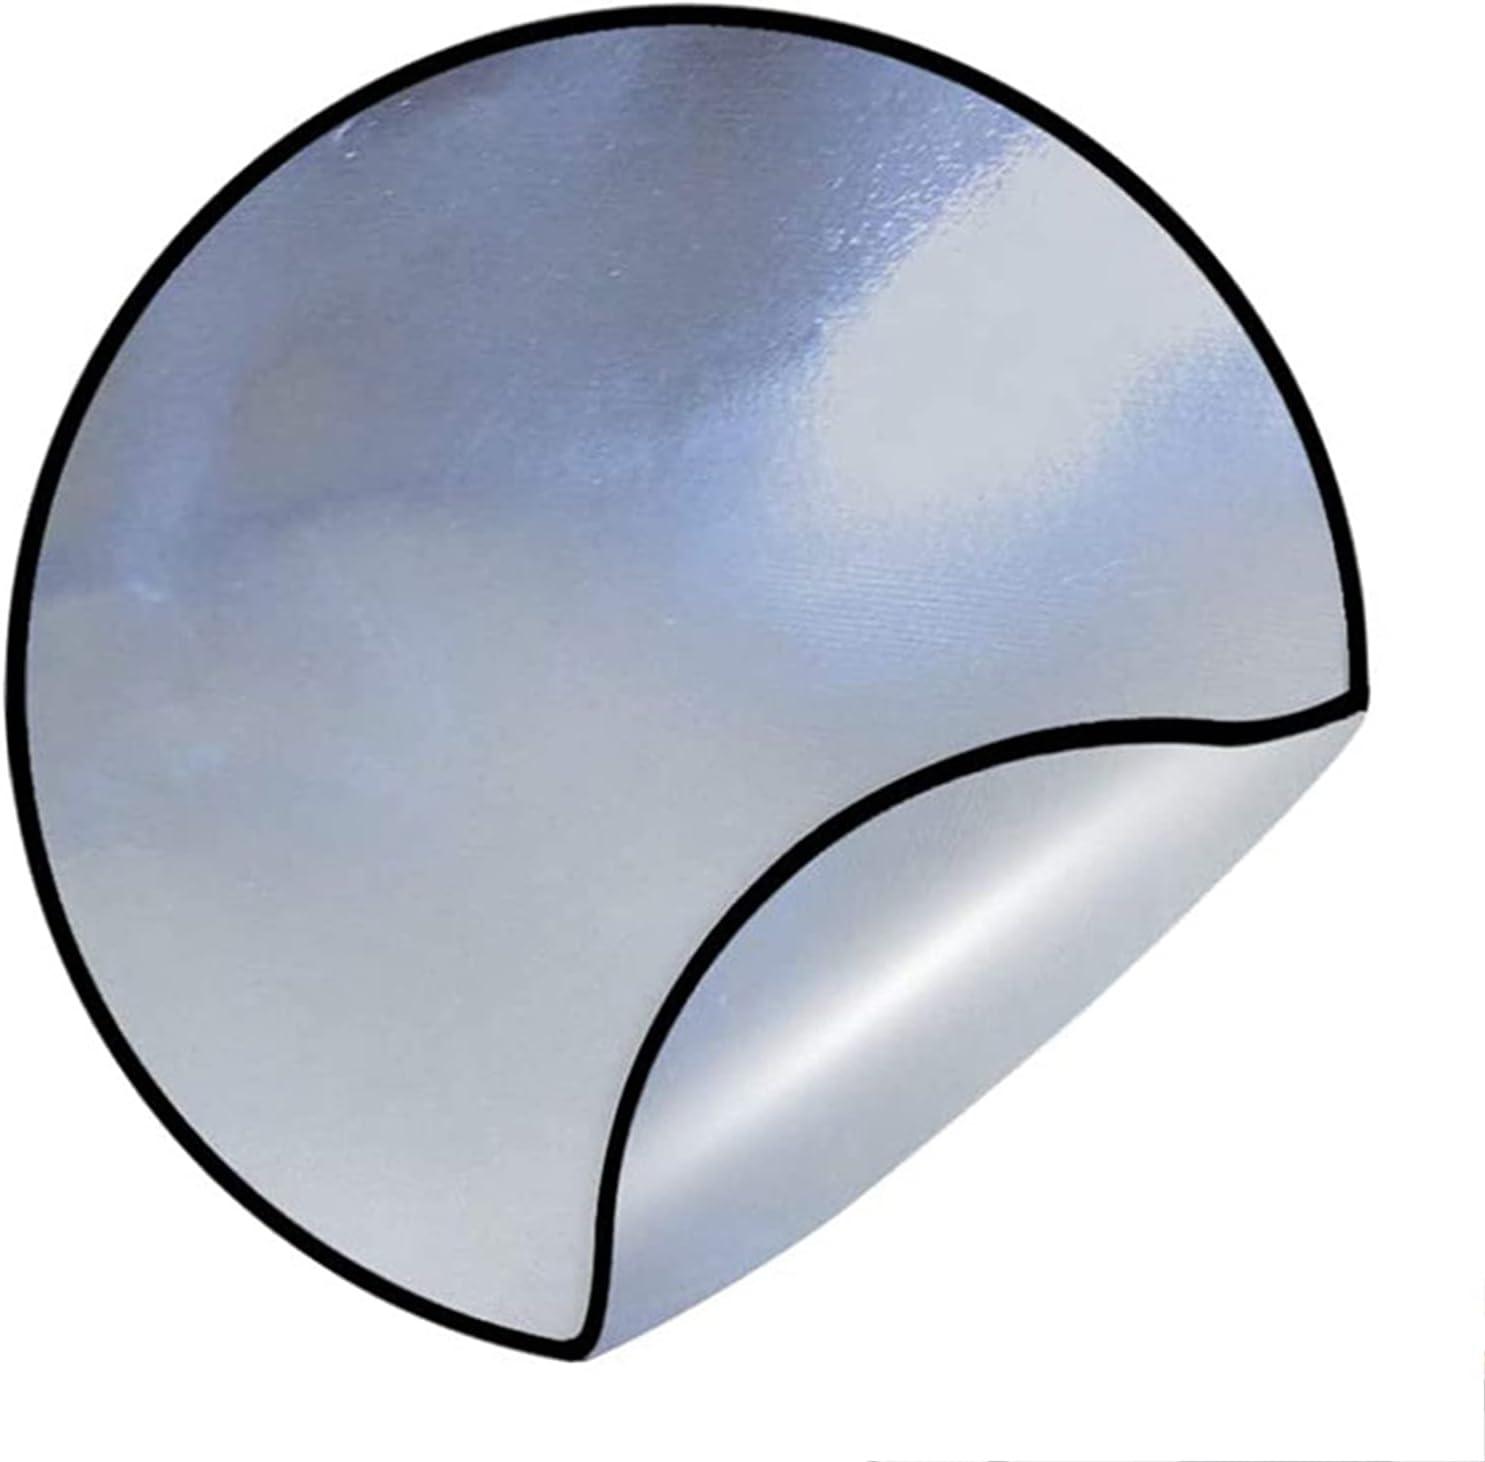 WYYUE Alfombrilla para fogatas de Papel de Aluminio de Fibra de Vidrio Fácil de Limpiar, Alfombrilla para Parrilla Resistente al Fuego, Alfombrilla ignífuga Alfombrilla Resistente al Calor